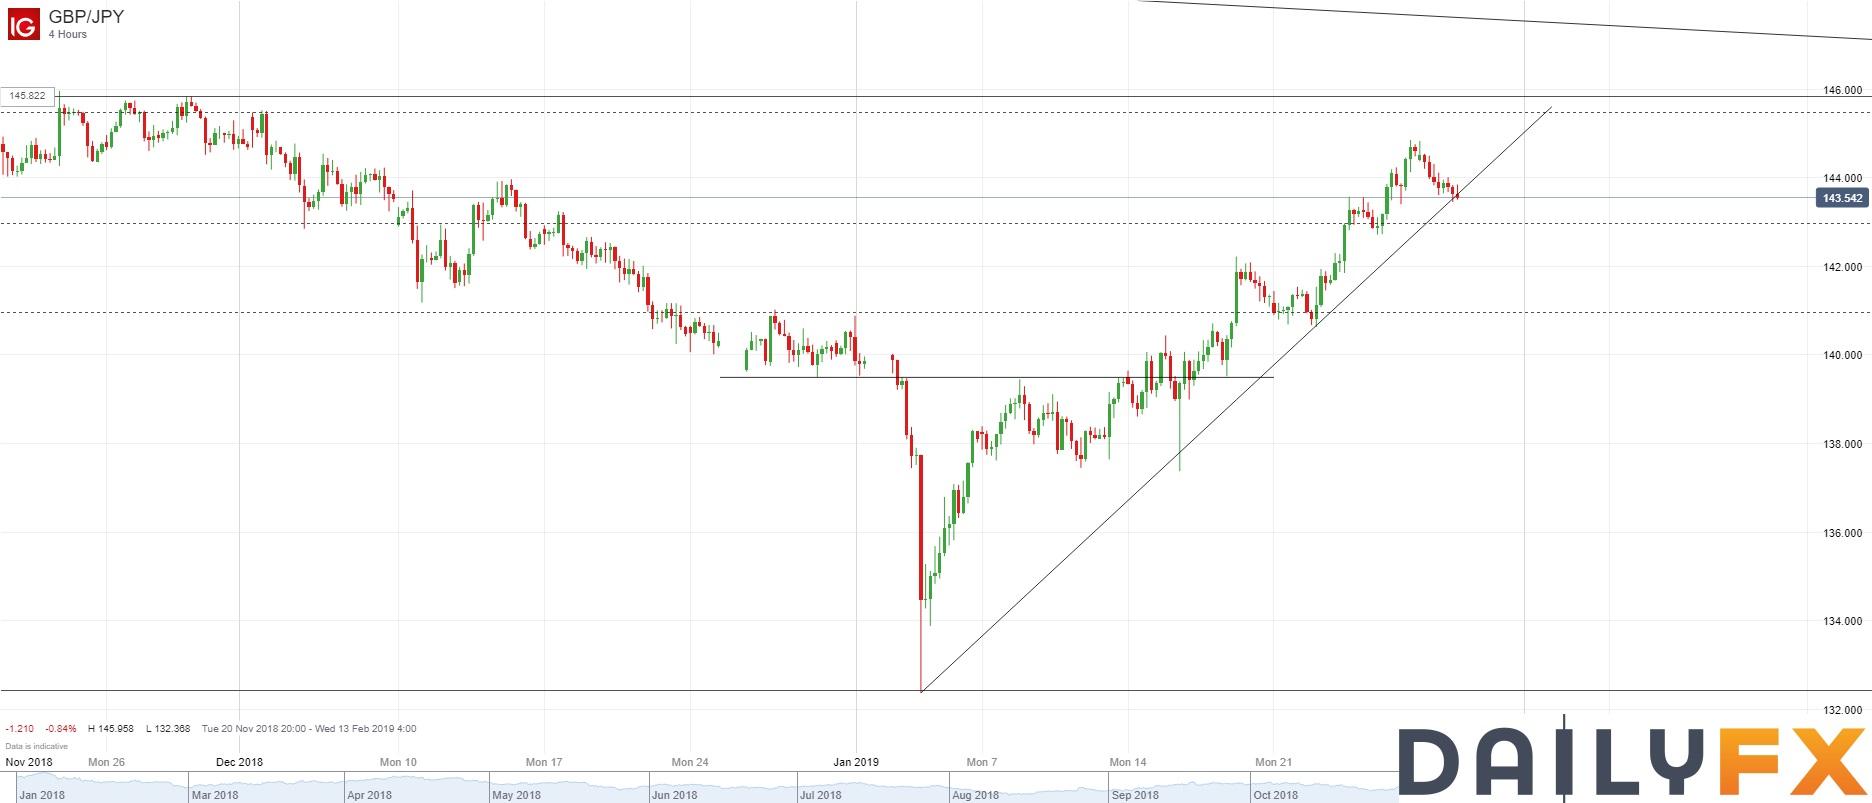 英镑/日元技术分析:关注4小时图支撑线及前低142.70等支持